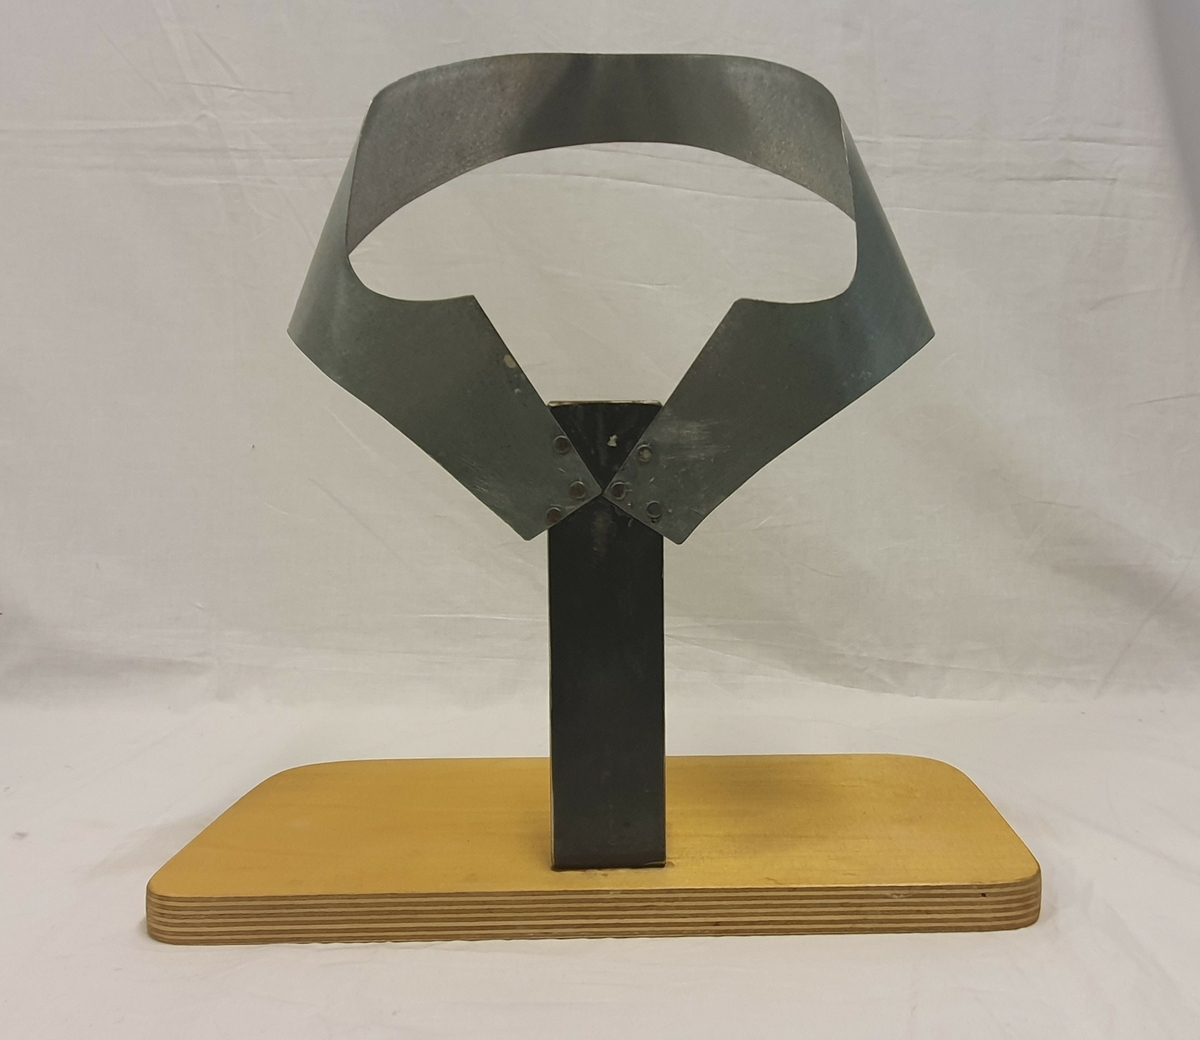 Stativ laget av givers ektefelle; Olav Solvang. Stativet brukes til å forme bordpapp til valk. Bordpapp settes i stativet for å tørke og få formen.